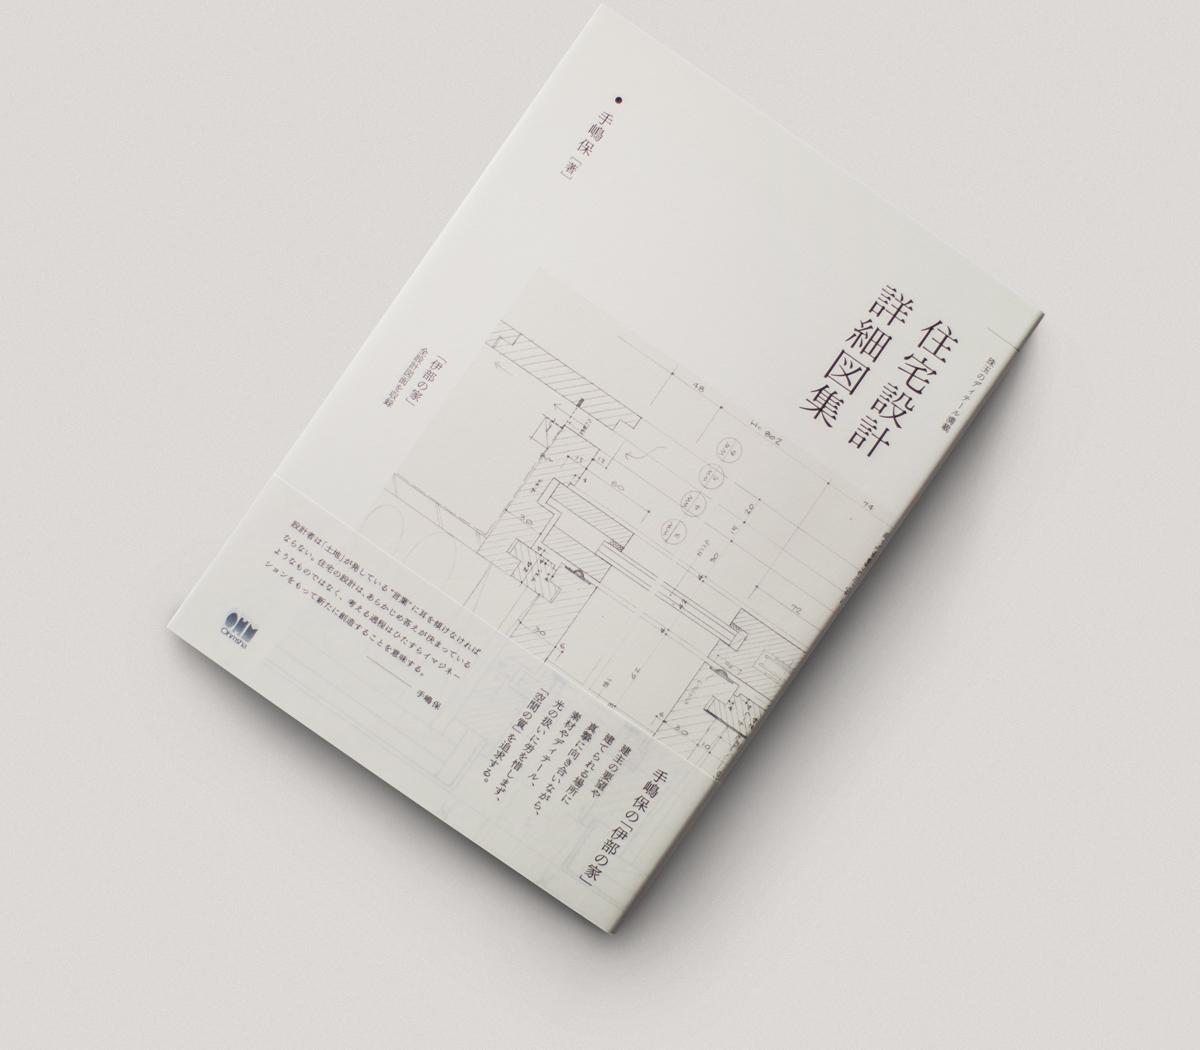 住宅設計詳細図集